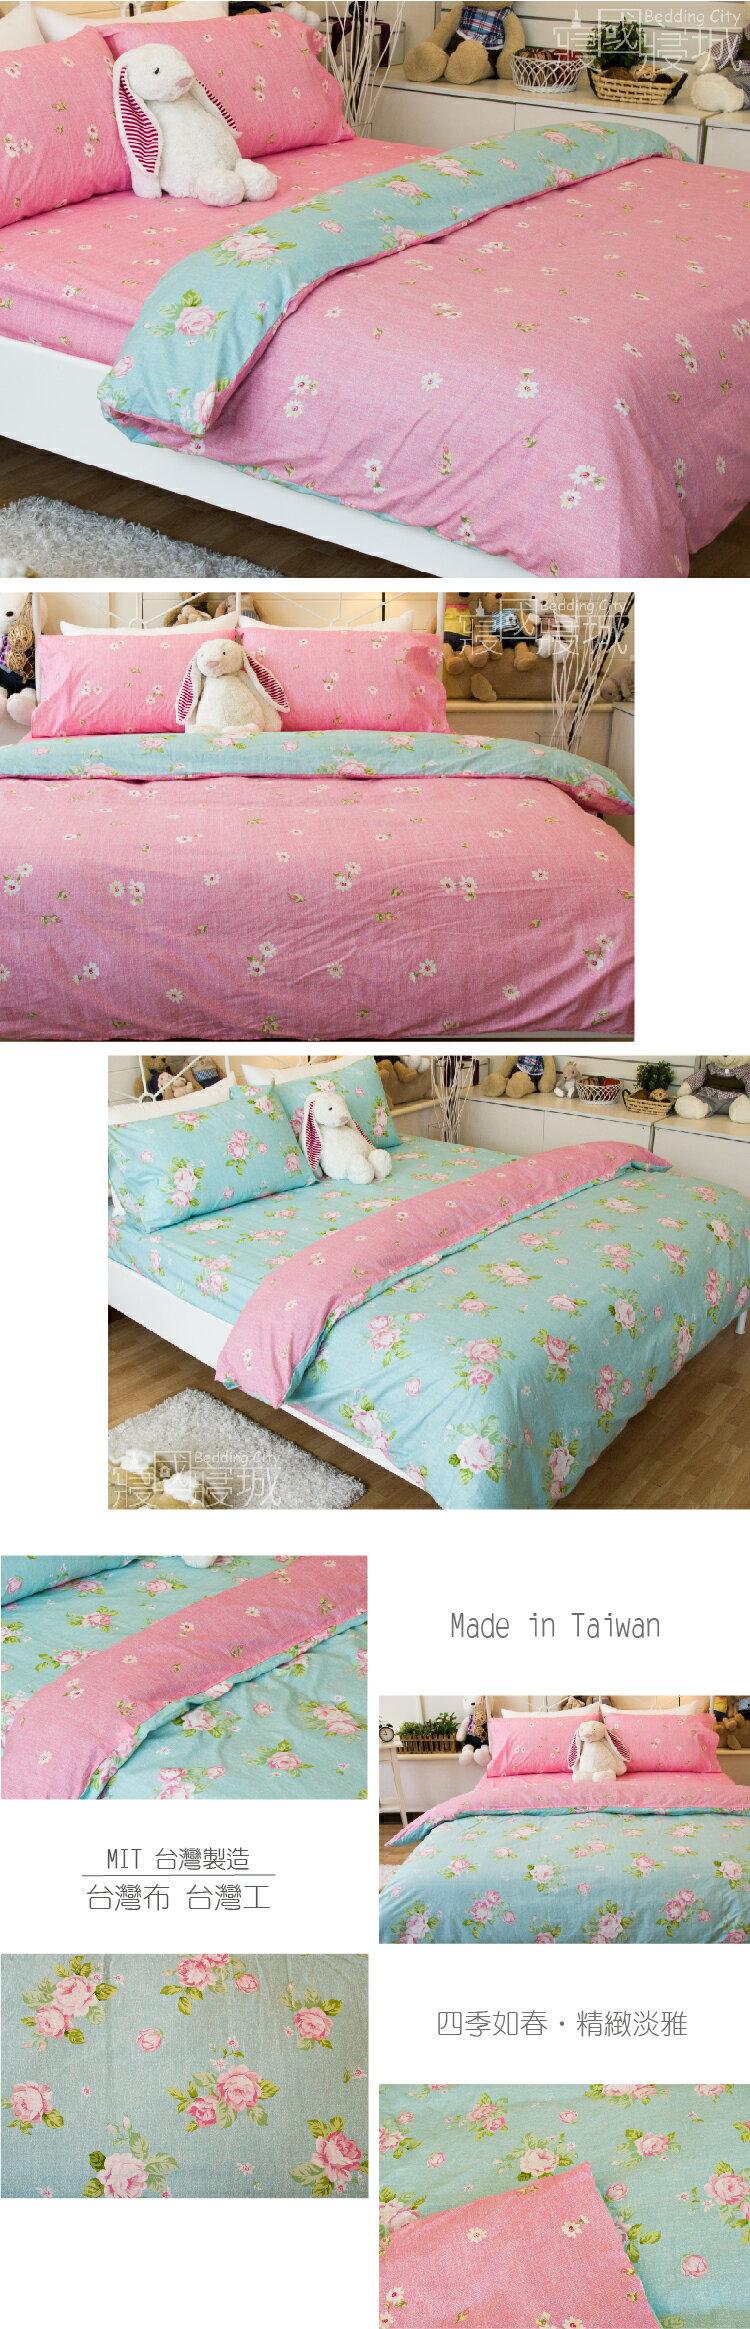 雙人床包被套組/100%精梳棉-春天的氣息【大鐘印染、台灣製造】#玫瑰花 #精梳純綿 2